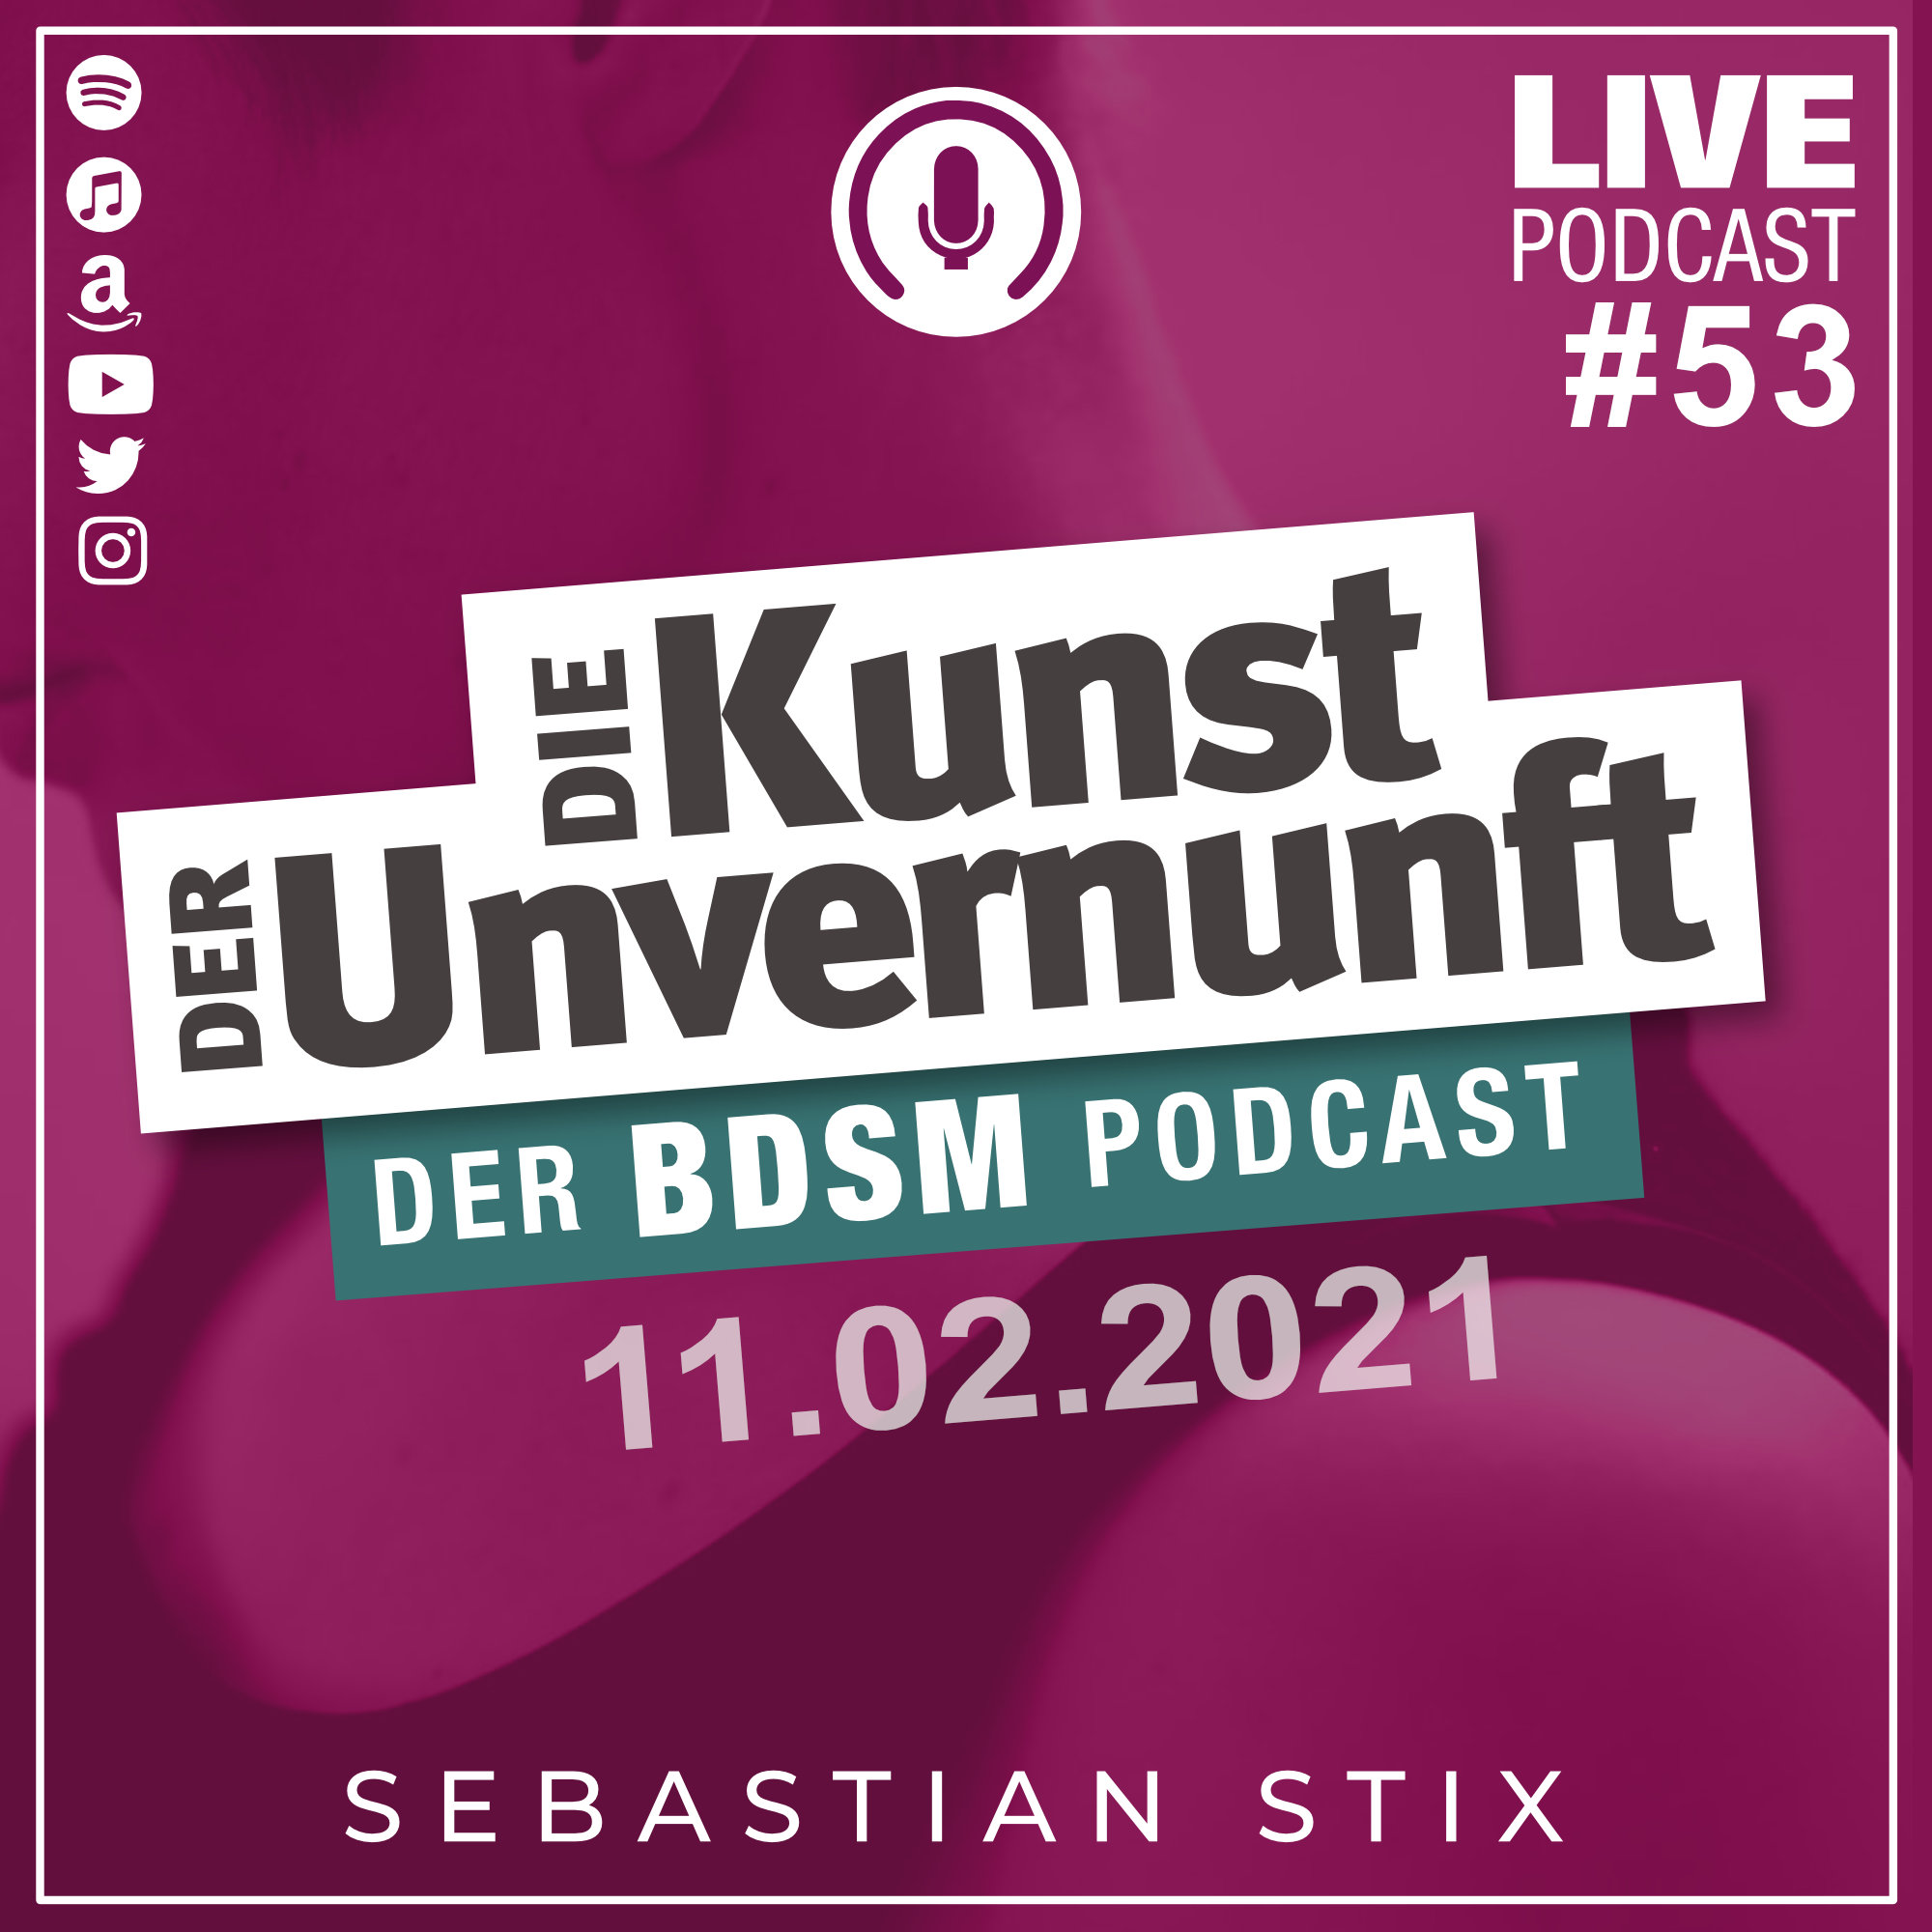 Unvernunft Live 11.02.2021 - Miteinander-Zeit